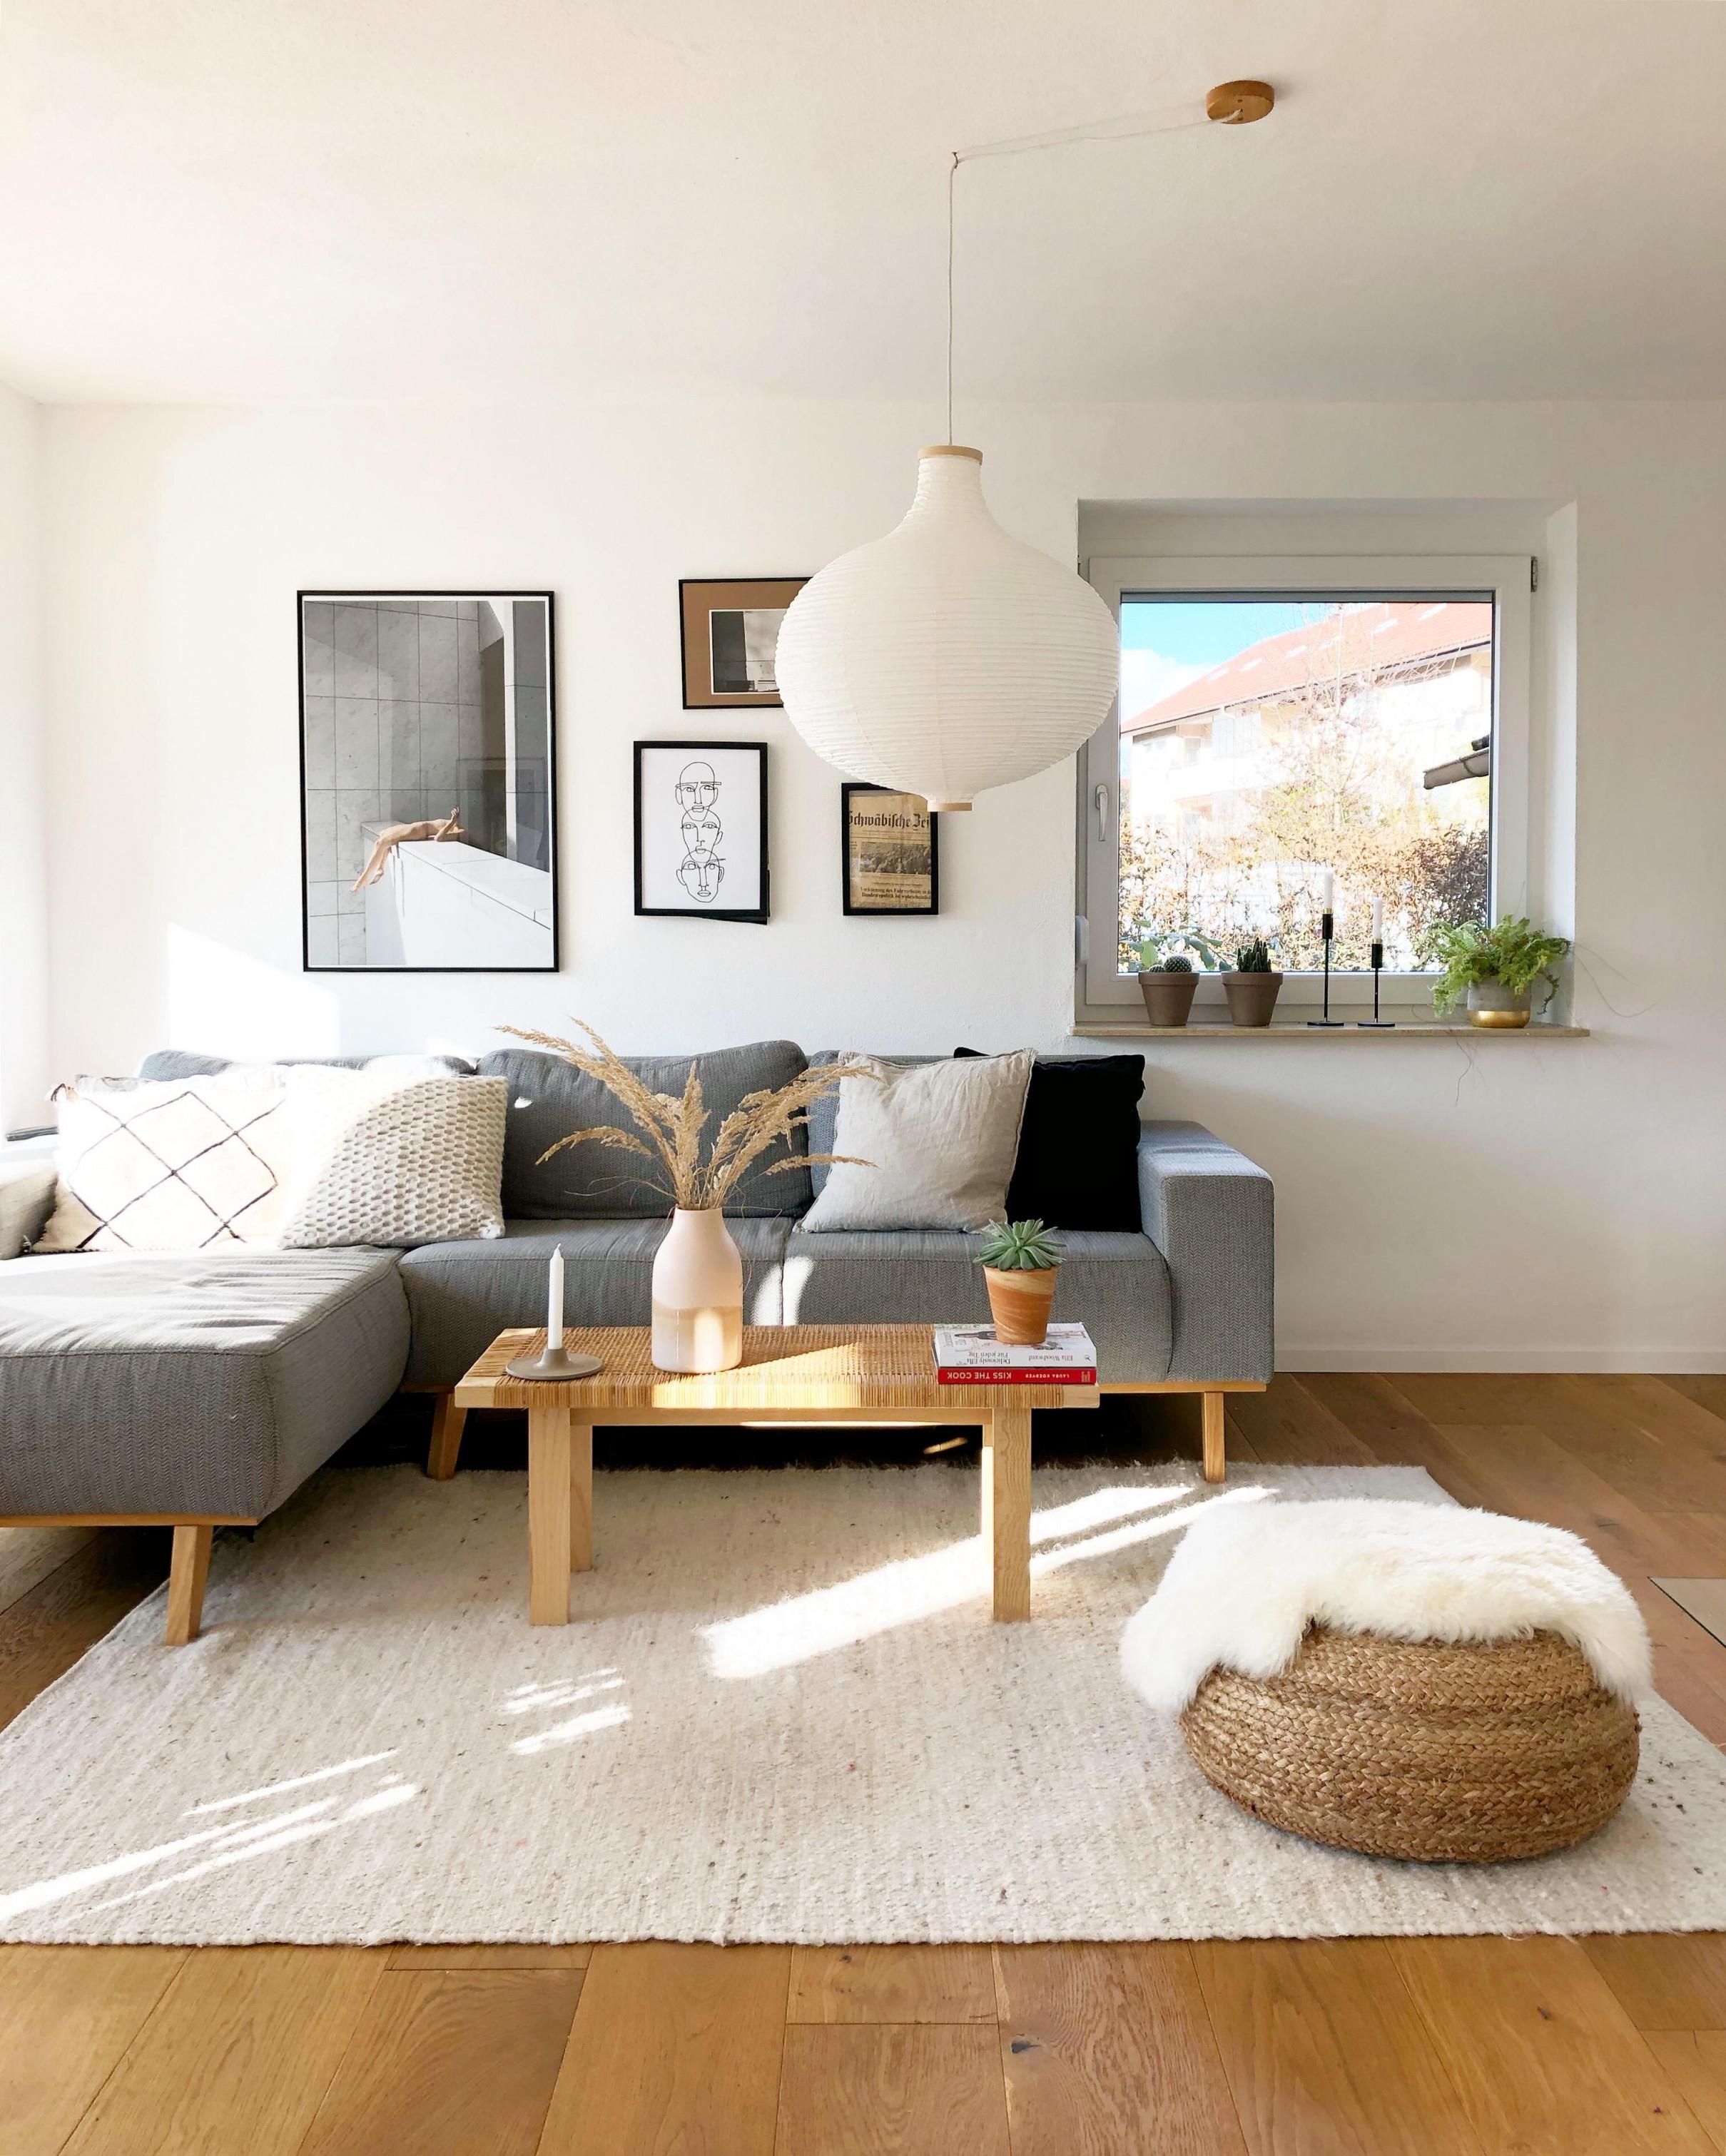 Wohnzimmer Couch Sofa Hängelampe Lampe Poster von Wohnzimmer Lampe Über Couchtisch Photo